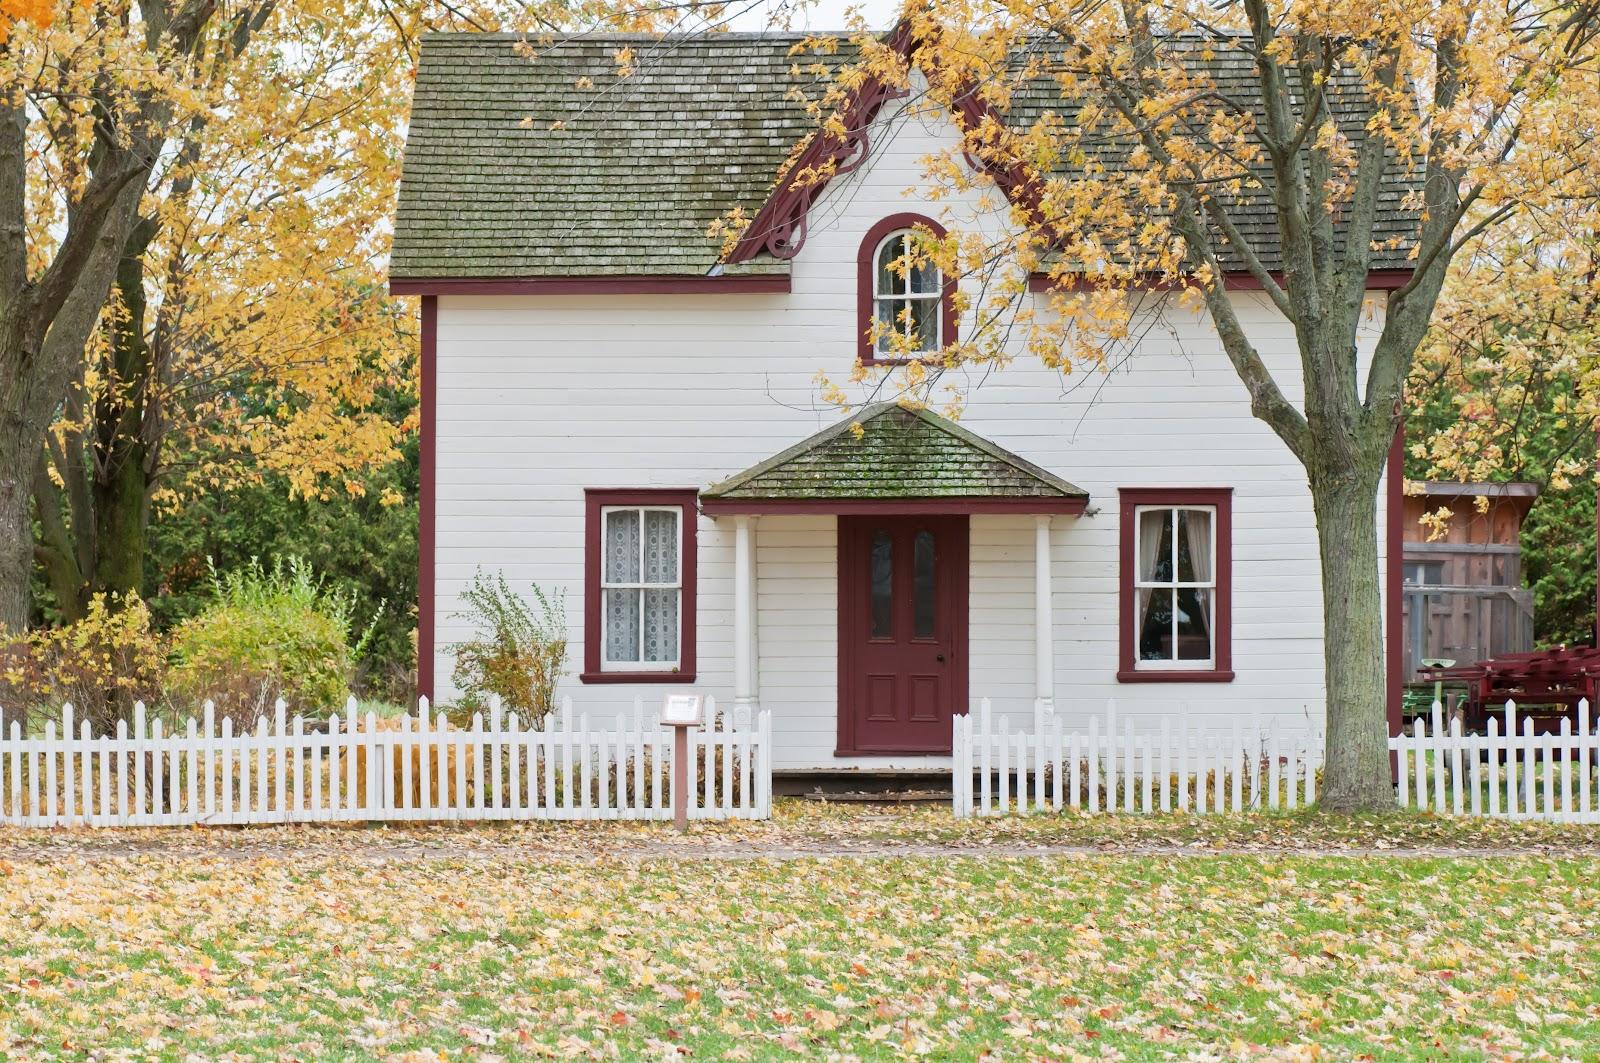 Dengan gaya pedesaannya, desain farm house menggambarkan kesederhanaan - source: www.unsplash.com